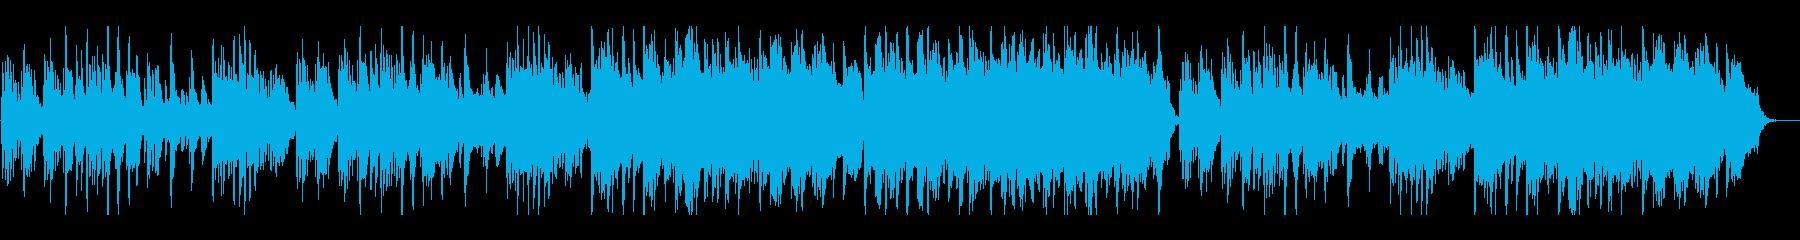 ストリングス等をバックにピアノメインの曲の再生済みの波形